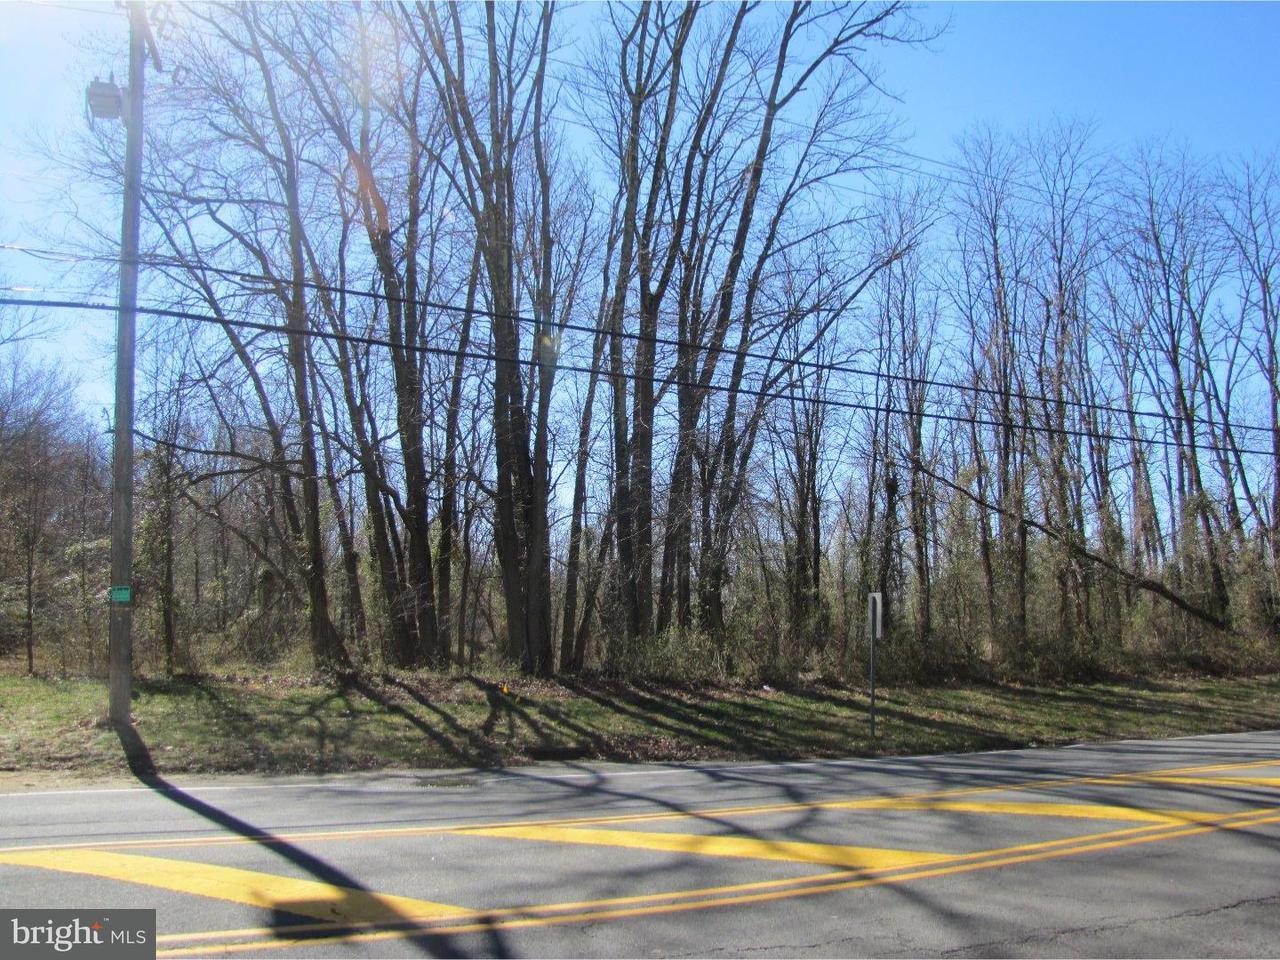 Частный односемейный дом для того Продажа на 231 VILLAGE RD E Princeton Junction, Нью-Джерси 08550 Соединенные ШтатыВ/Около: West Windsor Twp